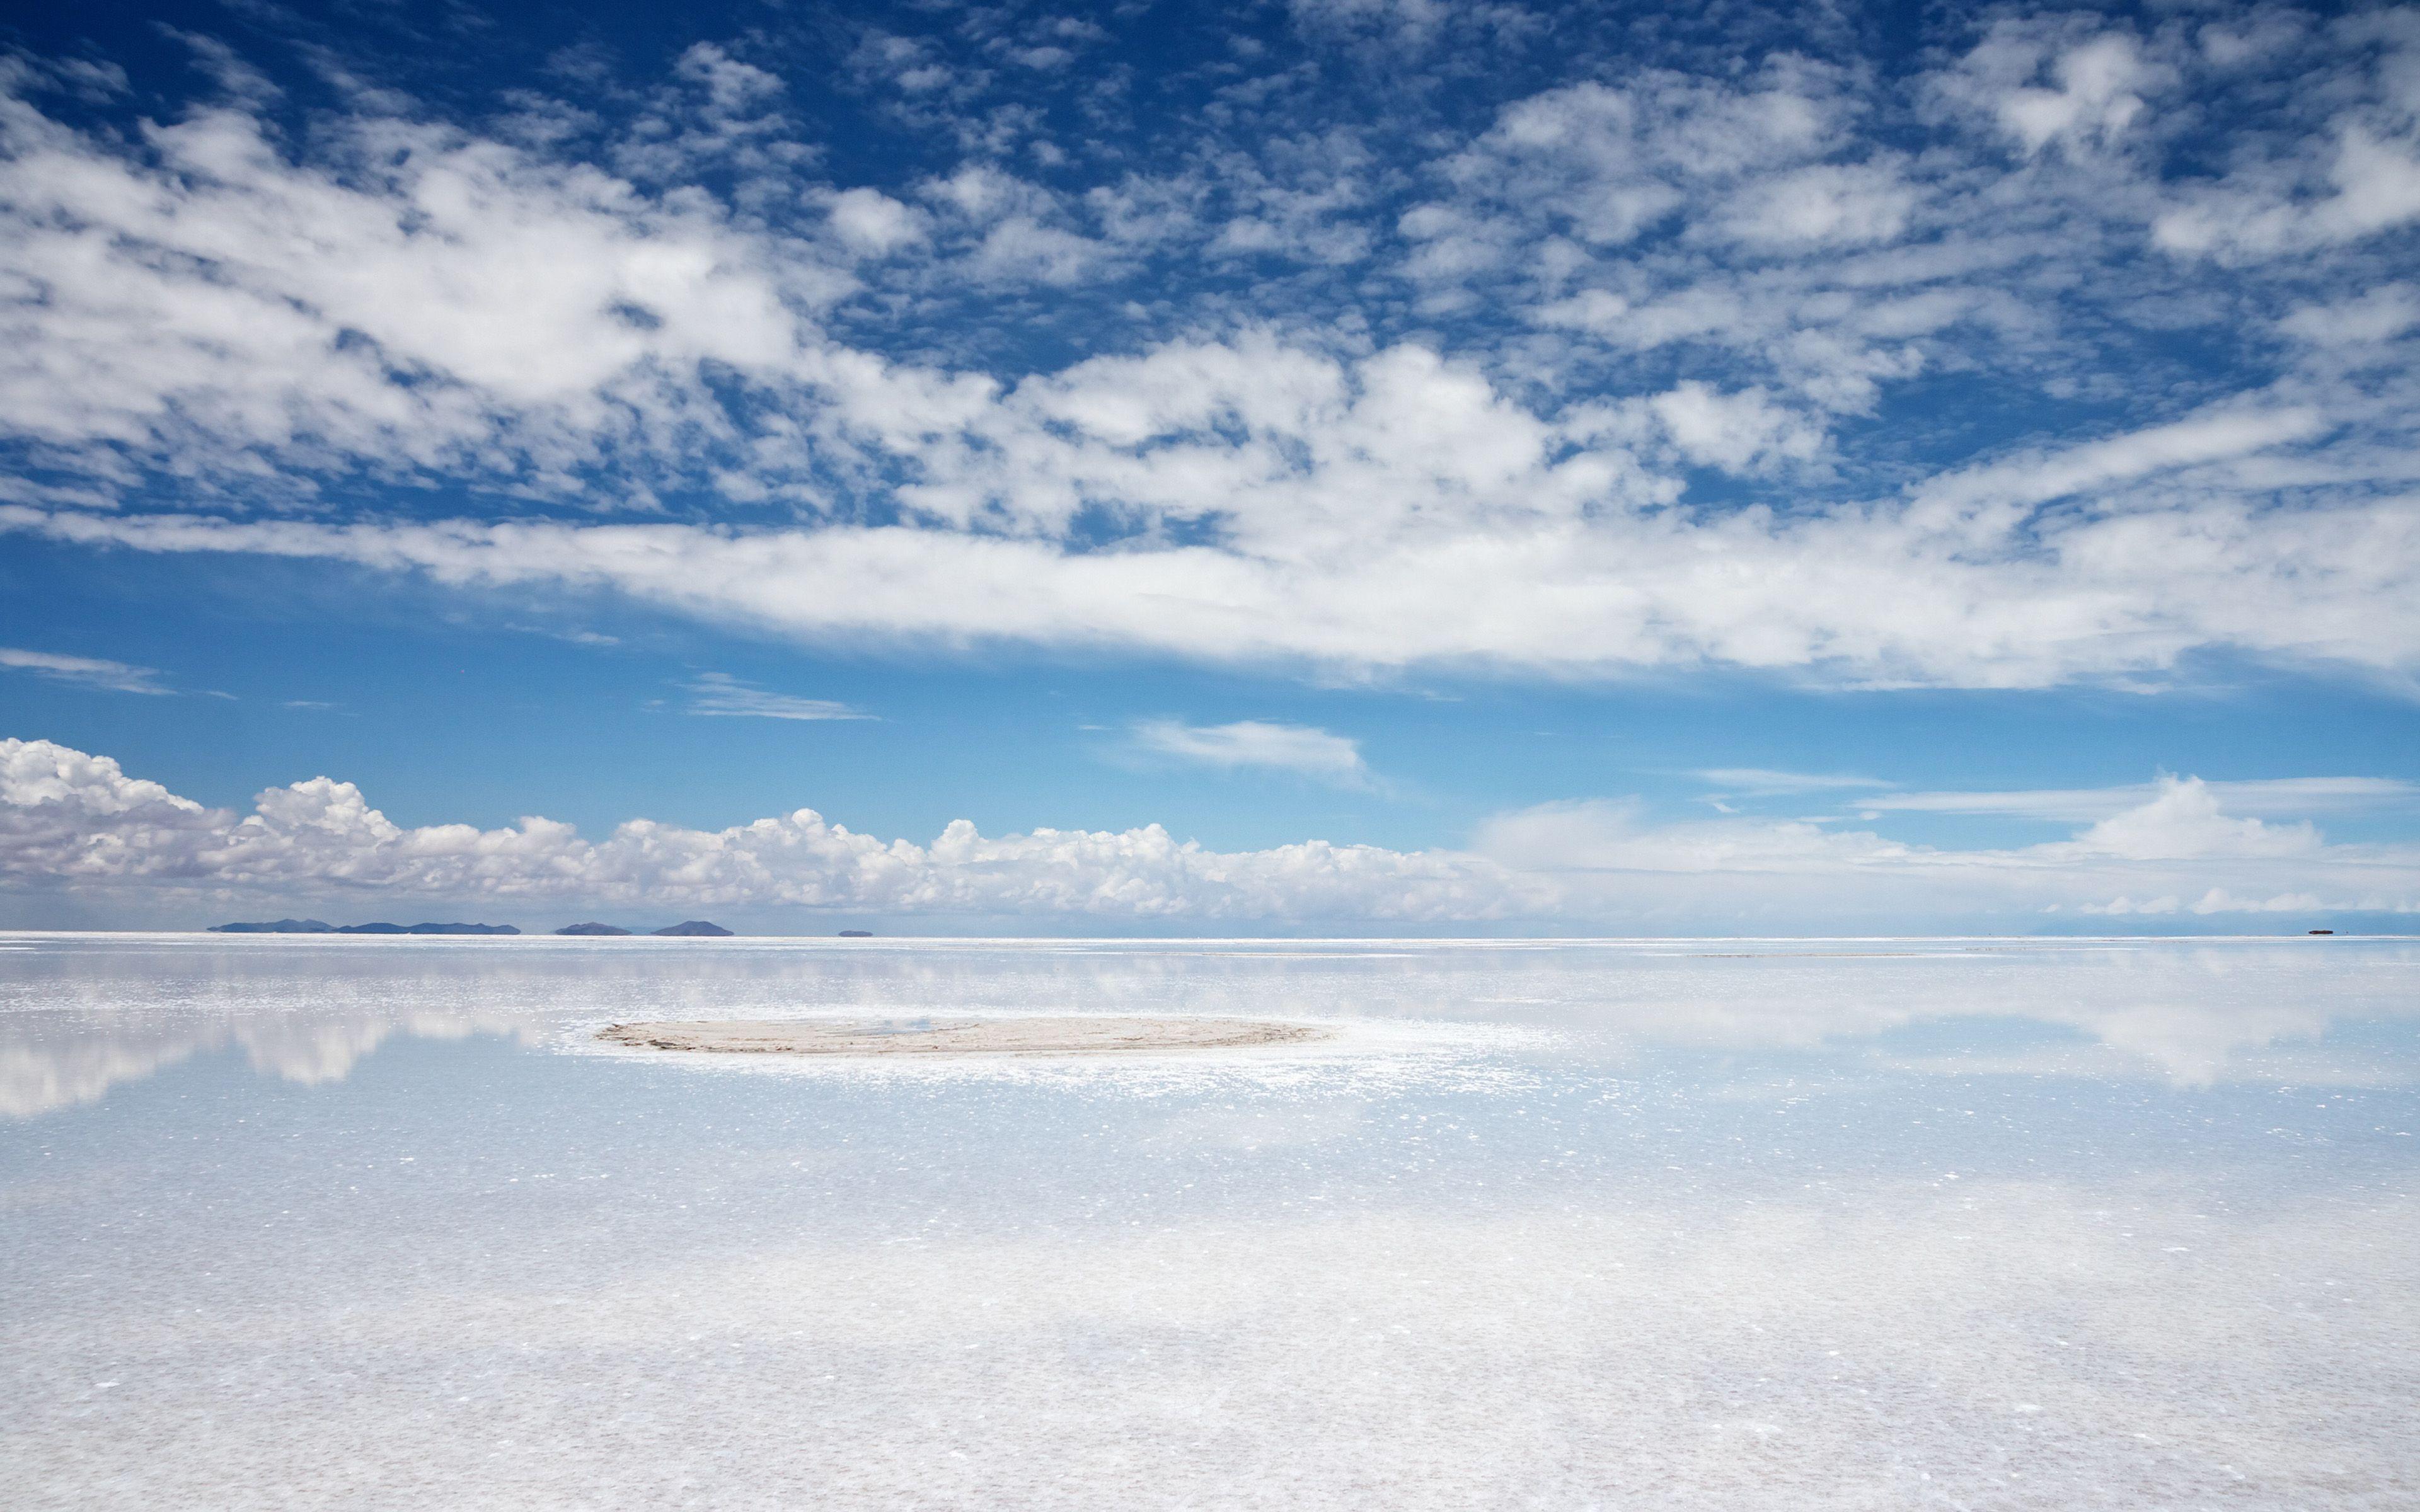 Salar de Uyuni Bolivia Bolivia Salar de uyuni bolivia Salar 3840x2400